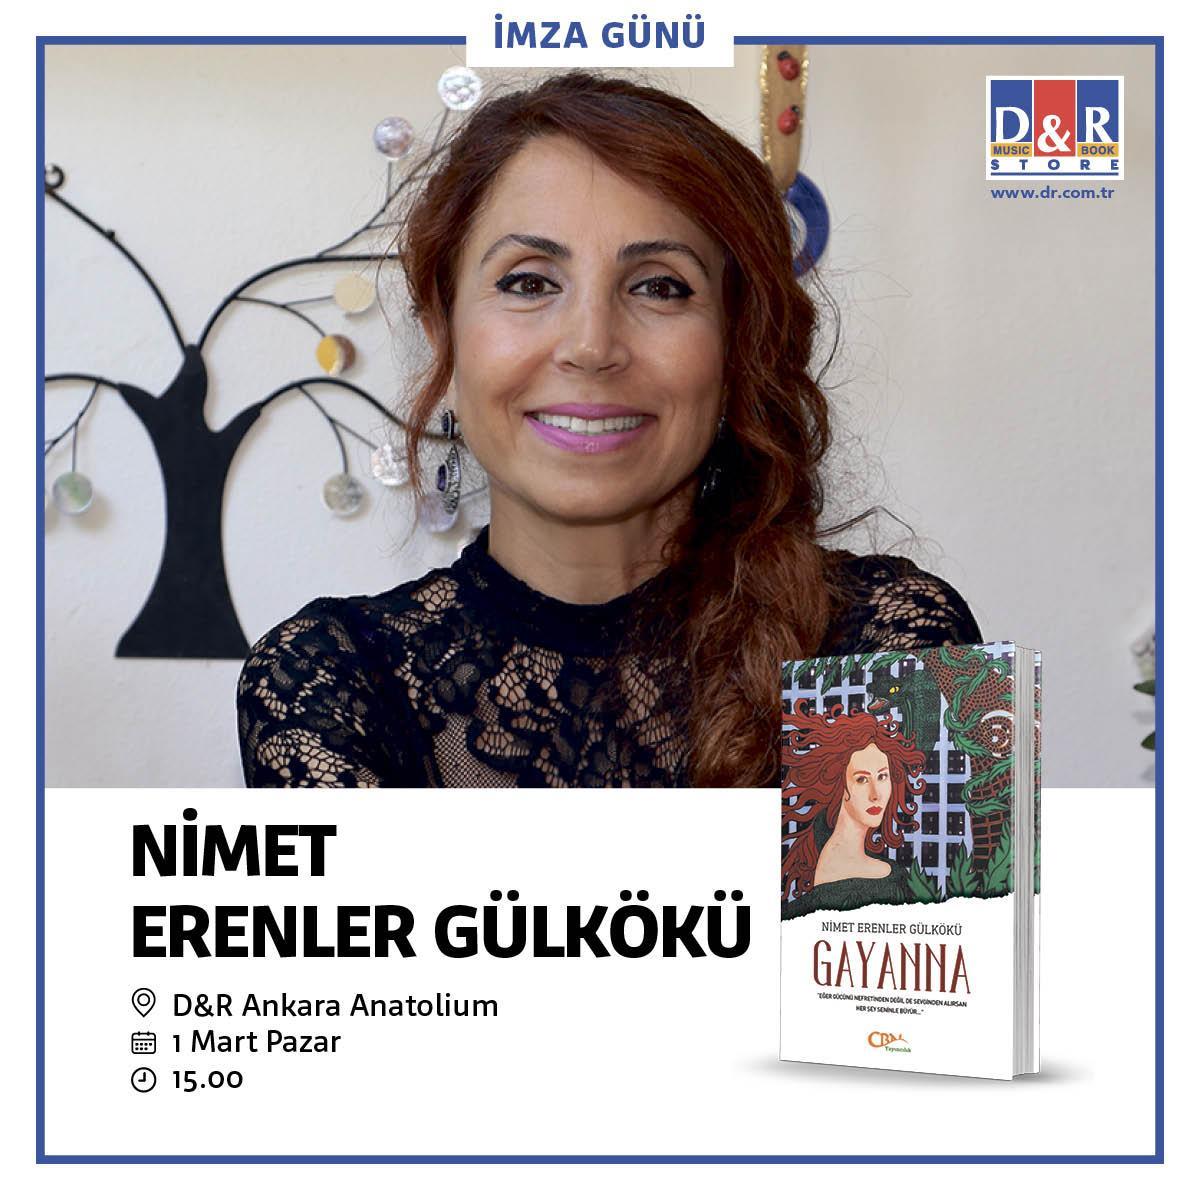 Nimet Erenler Gülkökü Ankara Anatolium Alışveriş Merkezi'nde okuyucularıyla buluşuyor